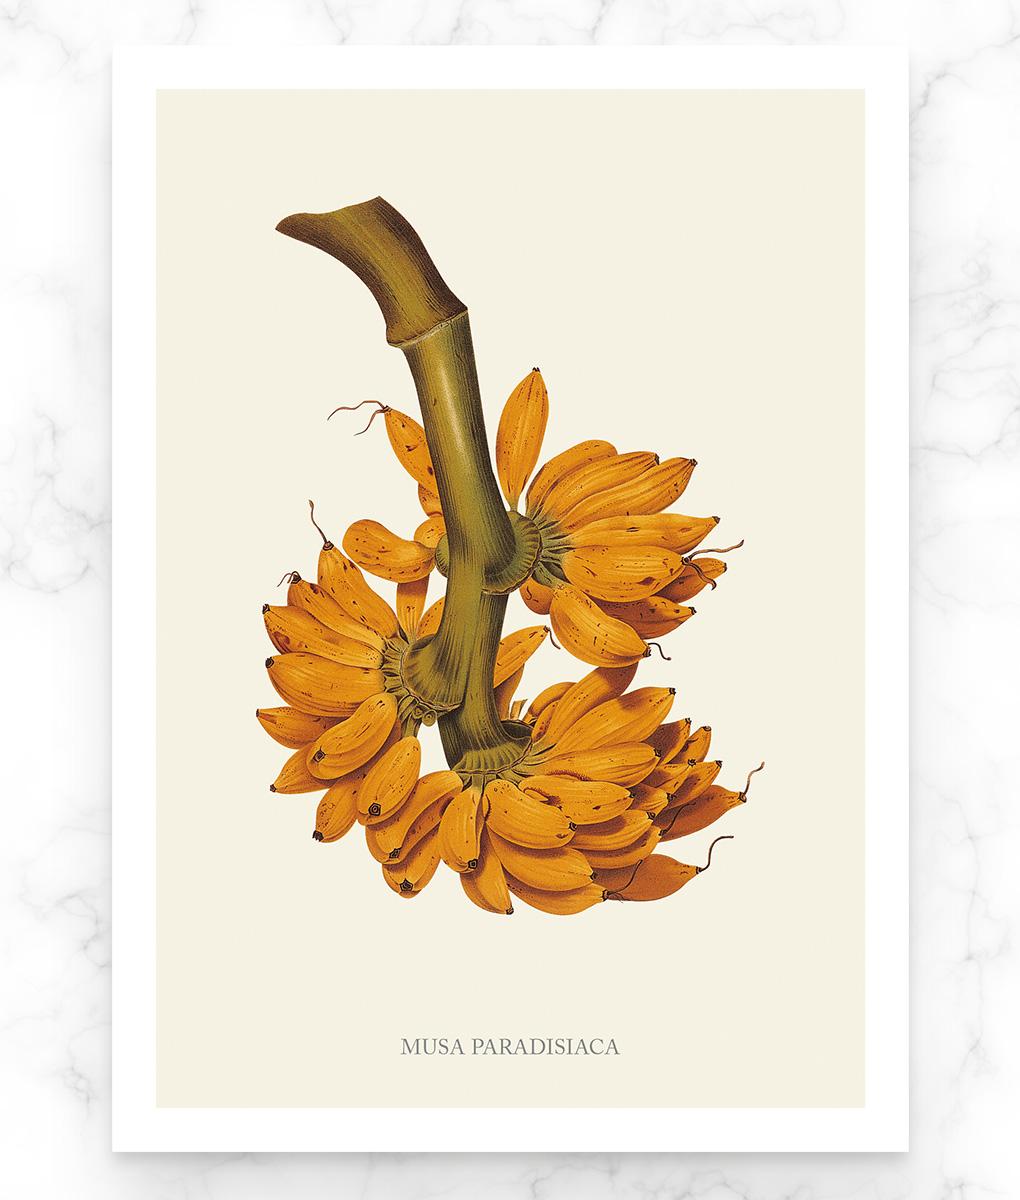 Musa paradisiaca, une superbe reproduction botanique d'une banane plantain